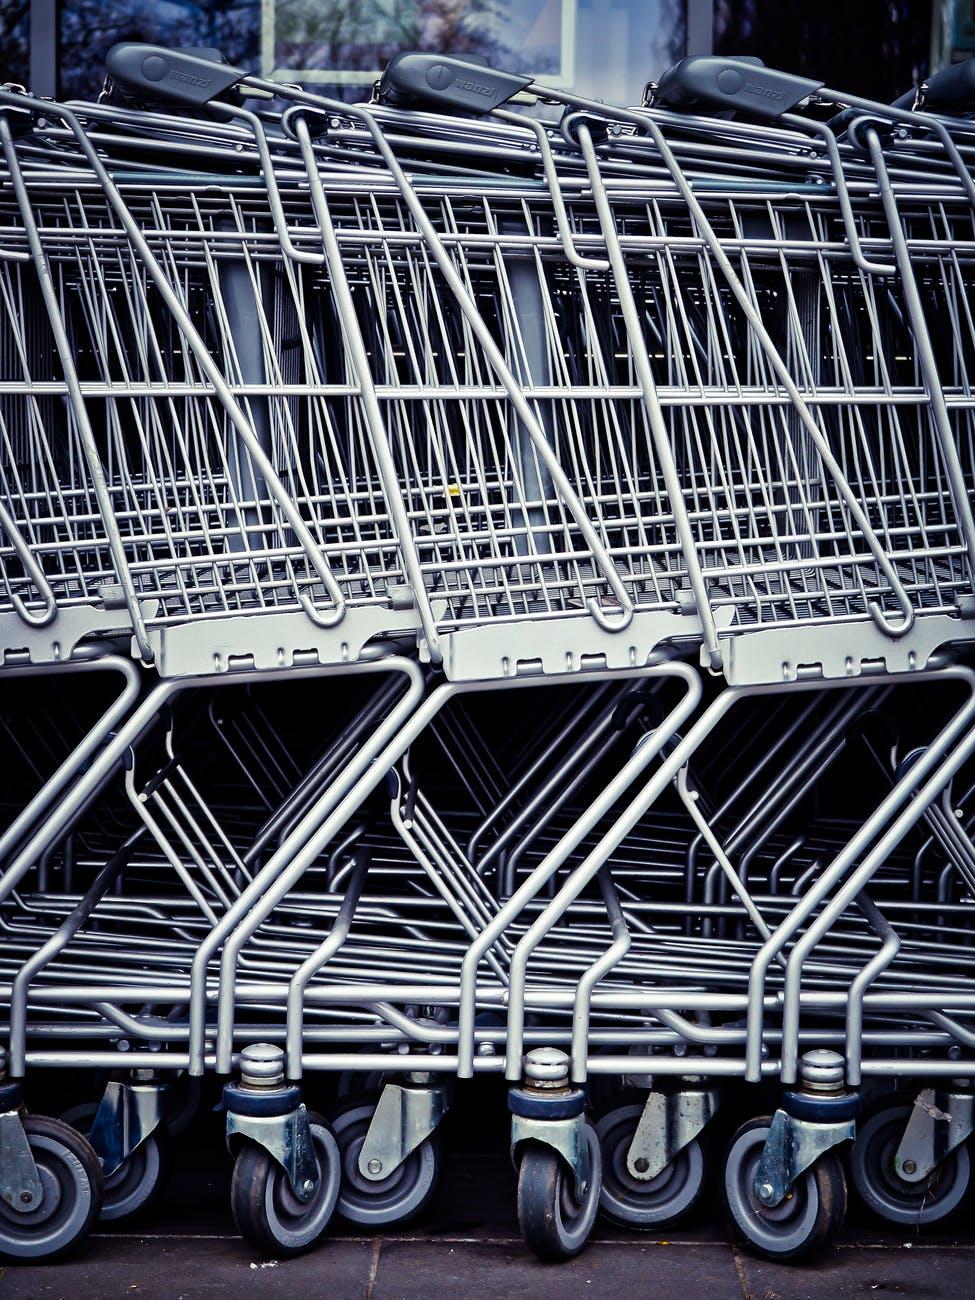 Для ограничения пандемии «Covid-19» по выходным будут закрыты торговые центры, кроме продуктовых магазинов, аптек и строительных магазинов